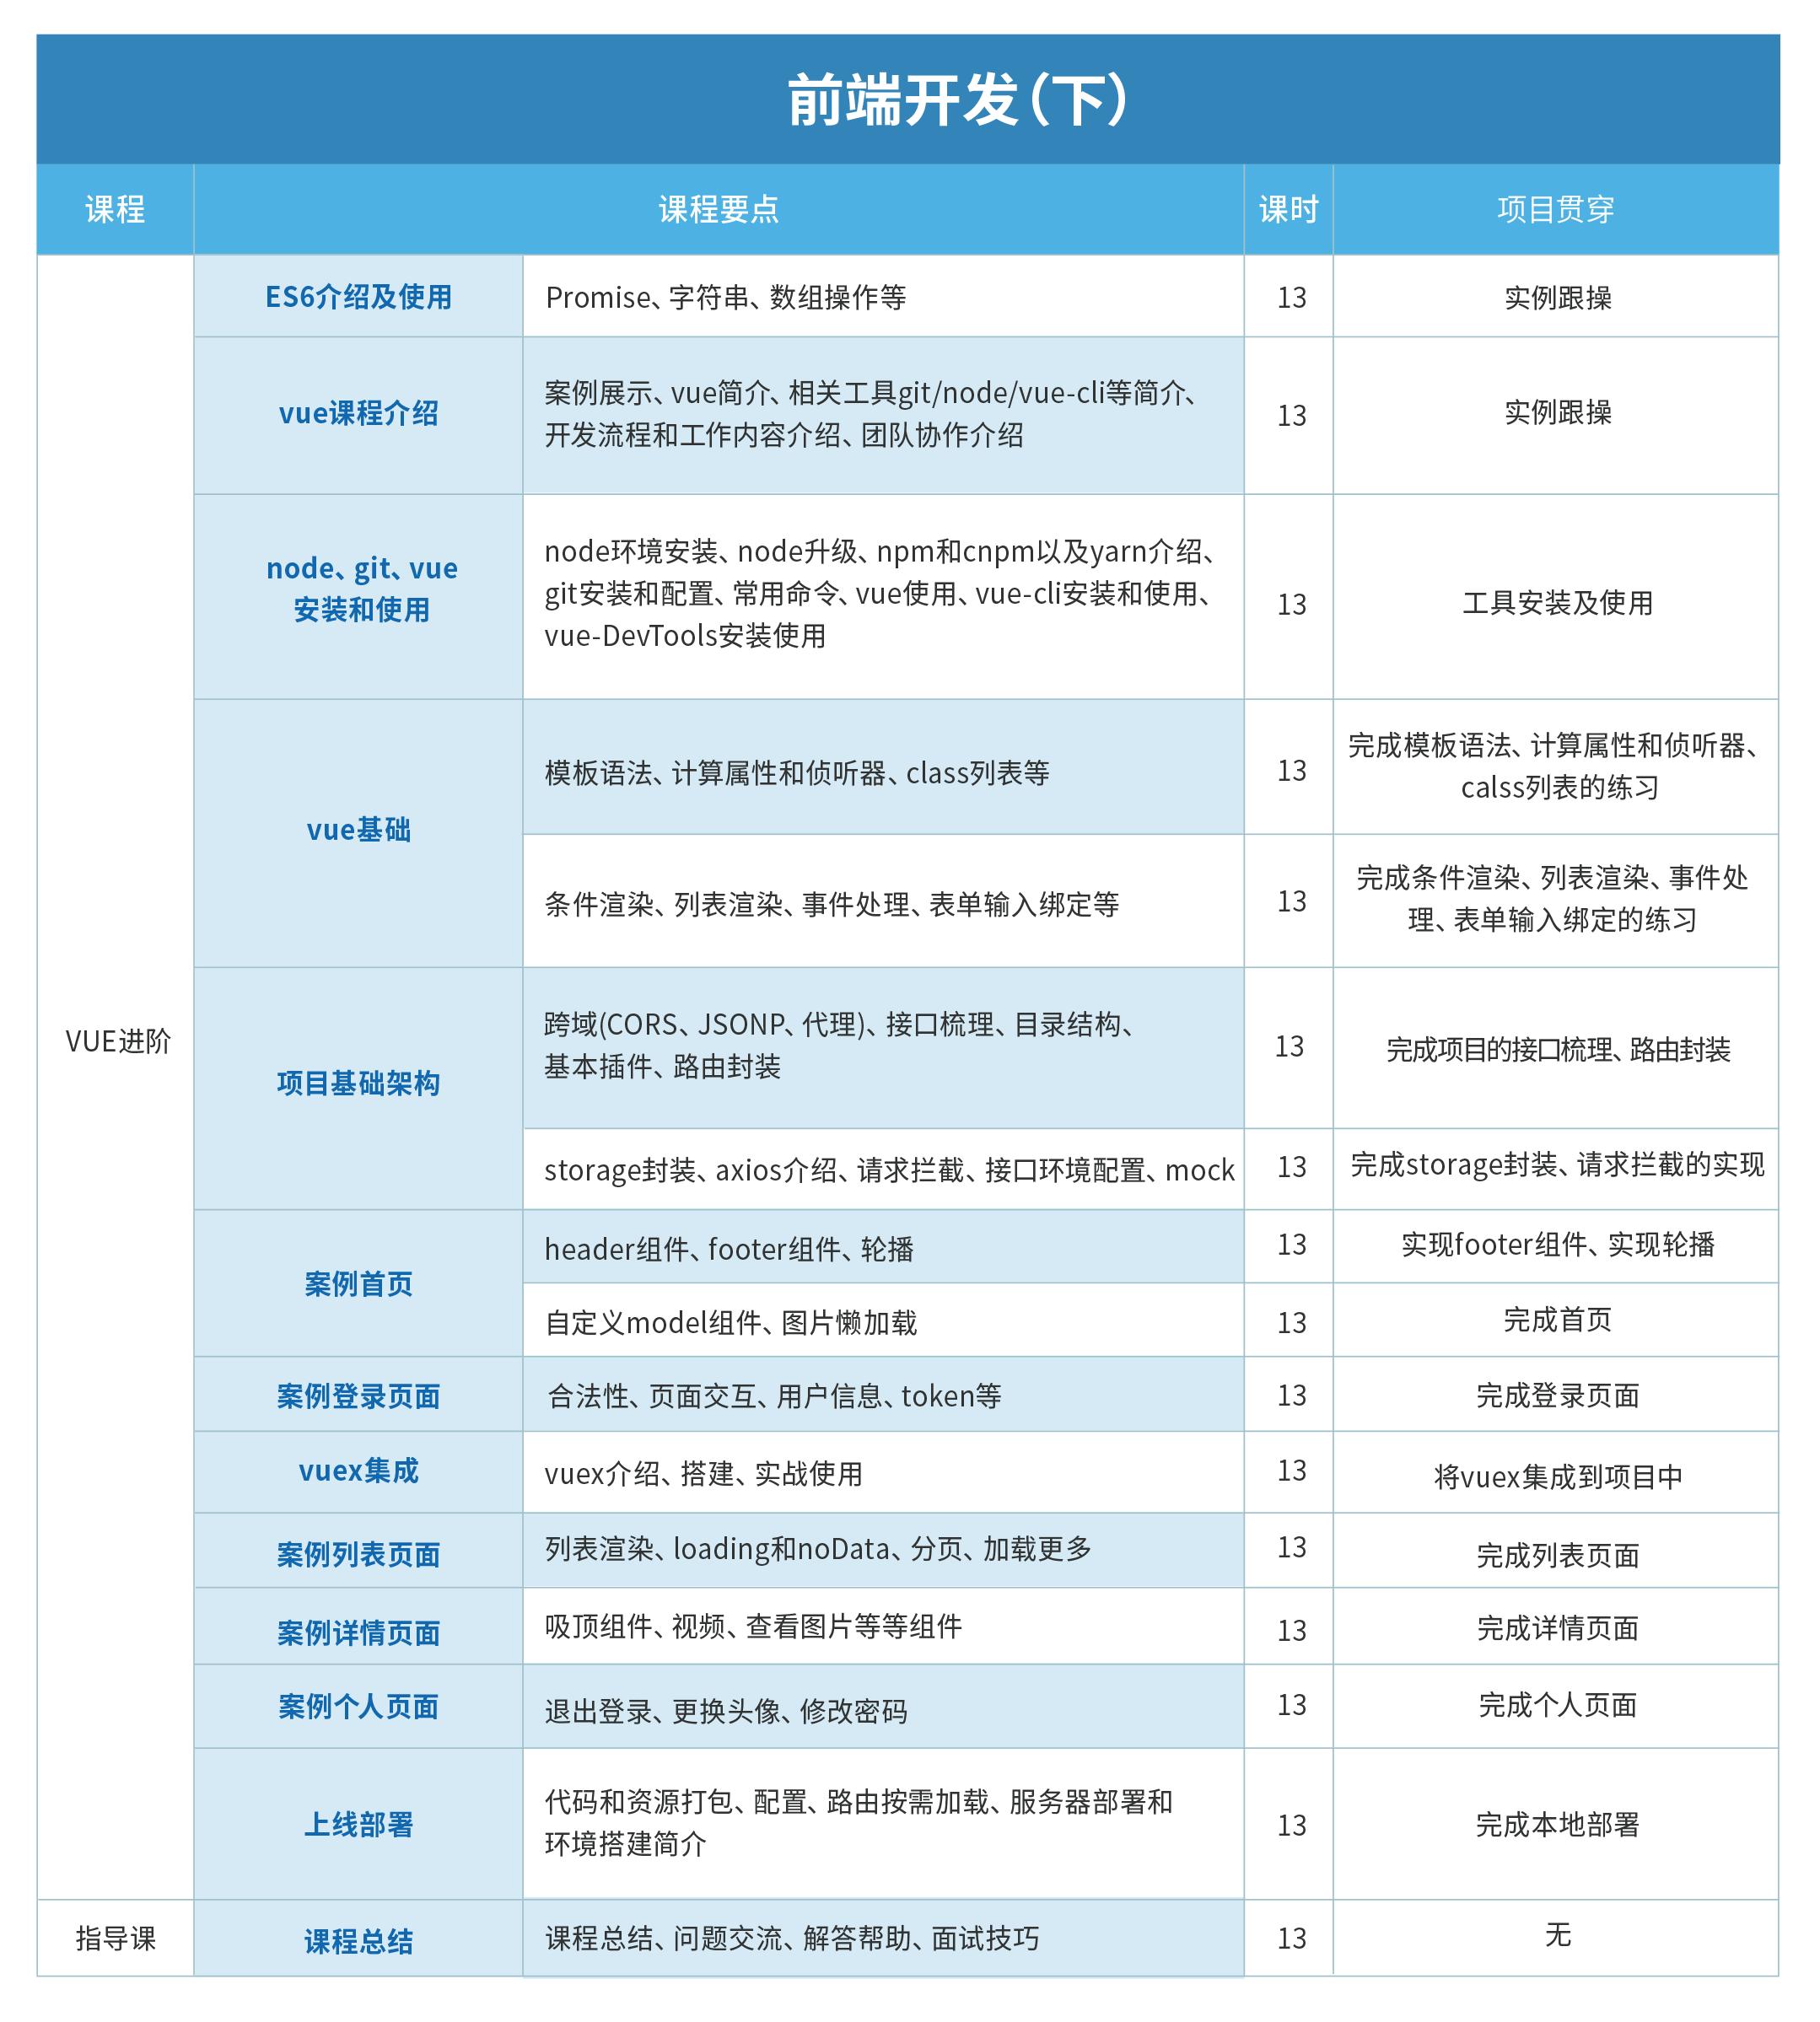 07 前端开发(上-下)1.7 (2).png